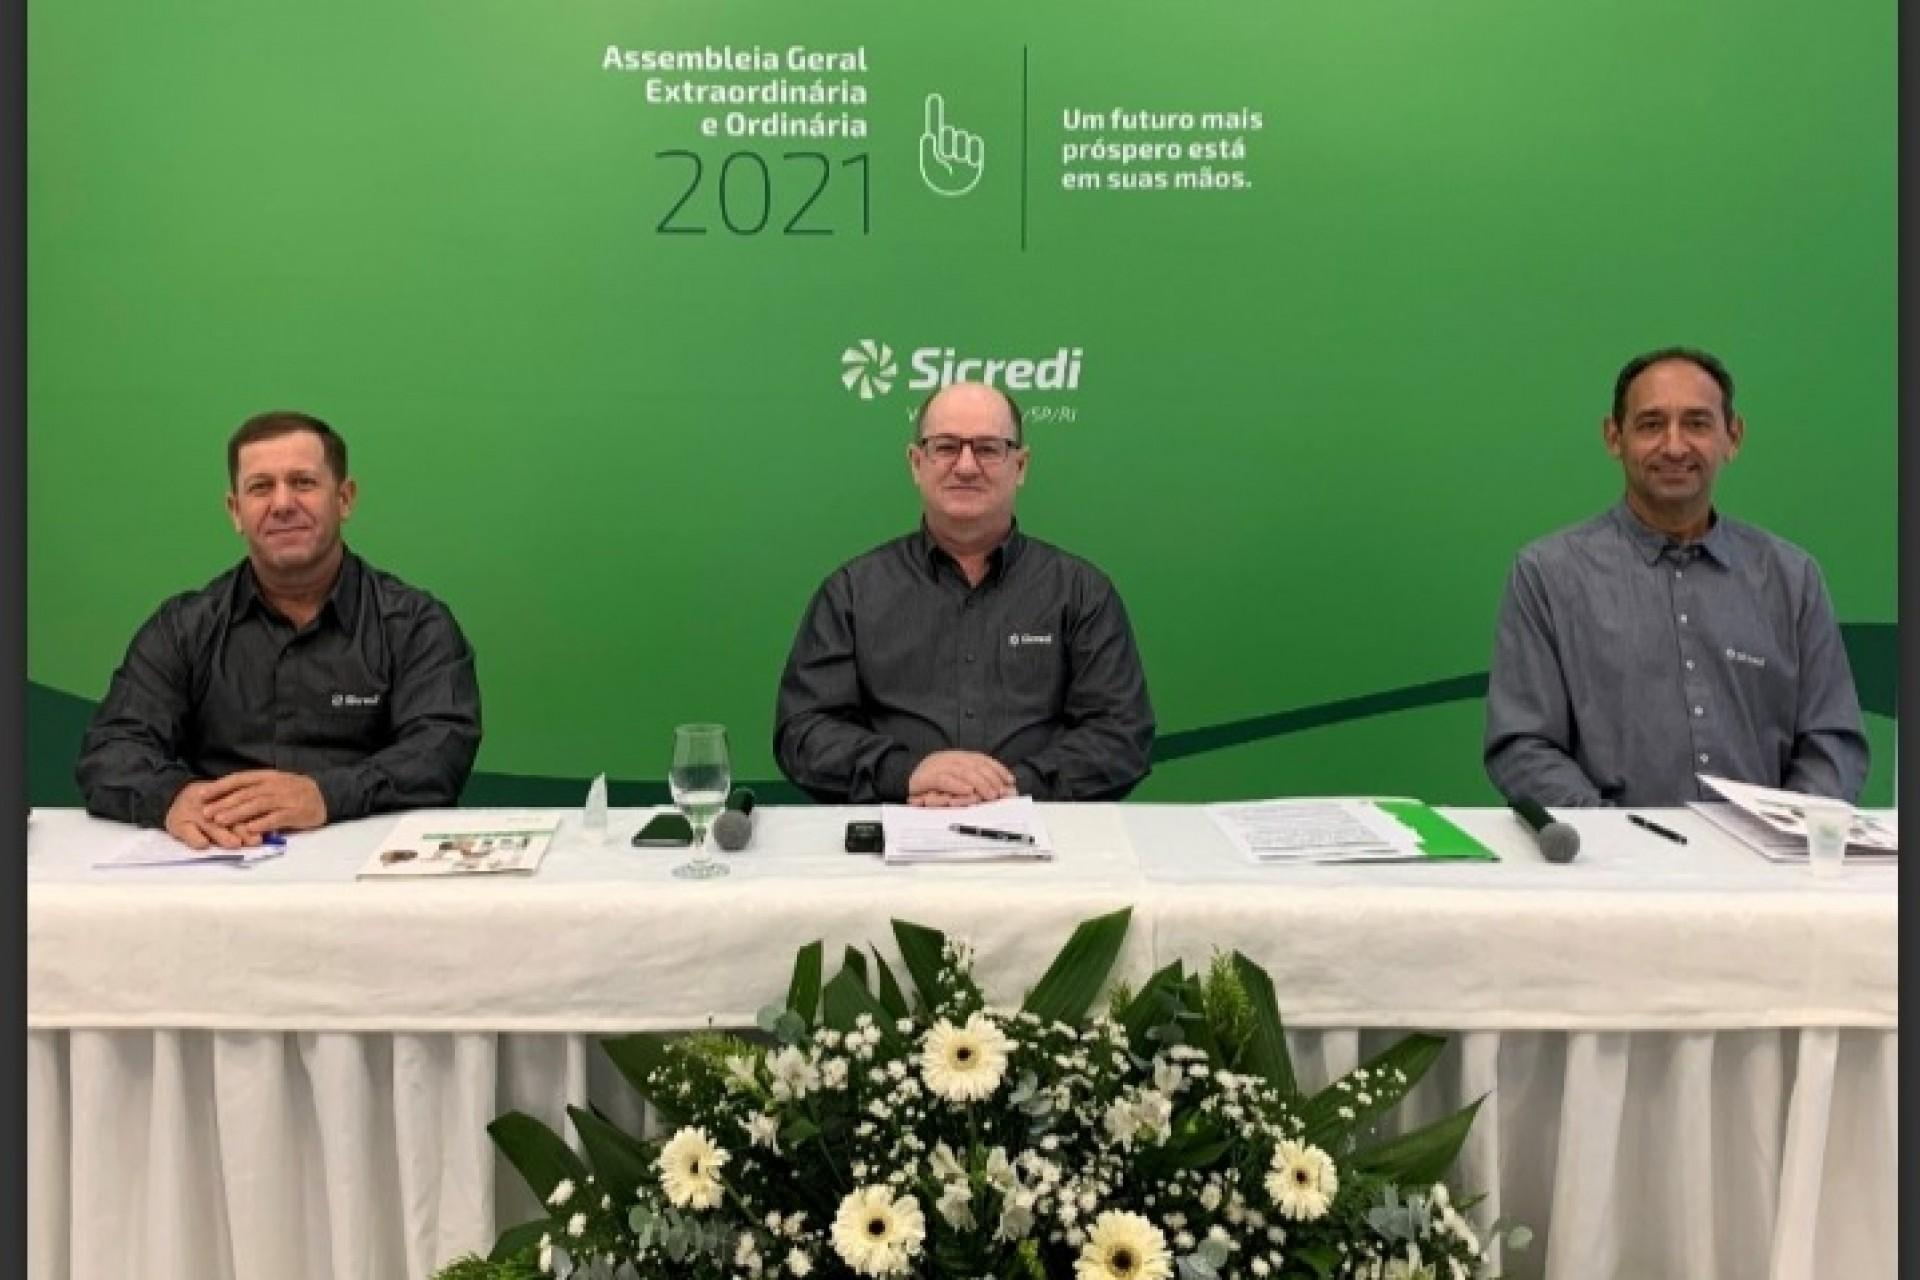 Sicredi Vanguarda realizou Assembleia Geral Extraordinária e Ordinária